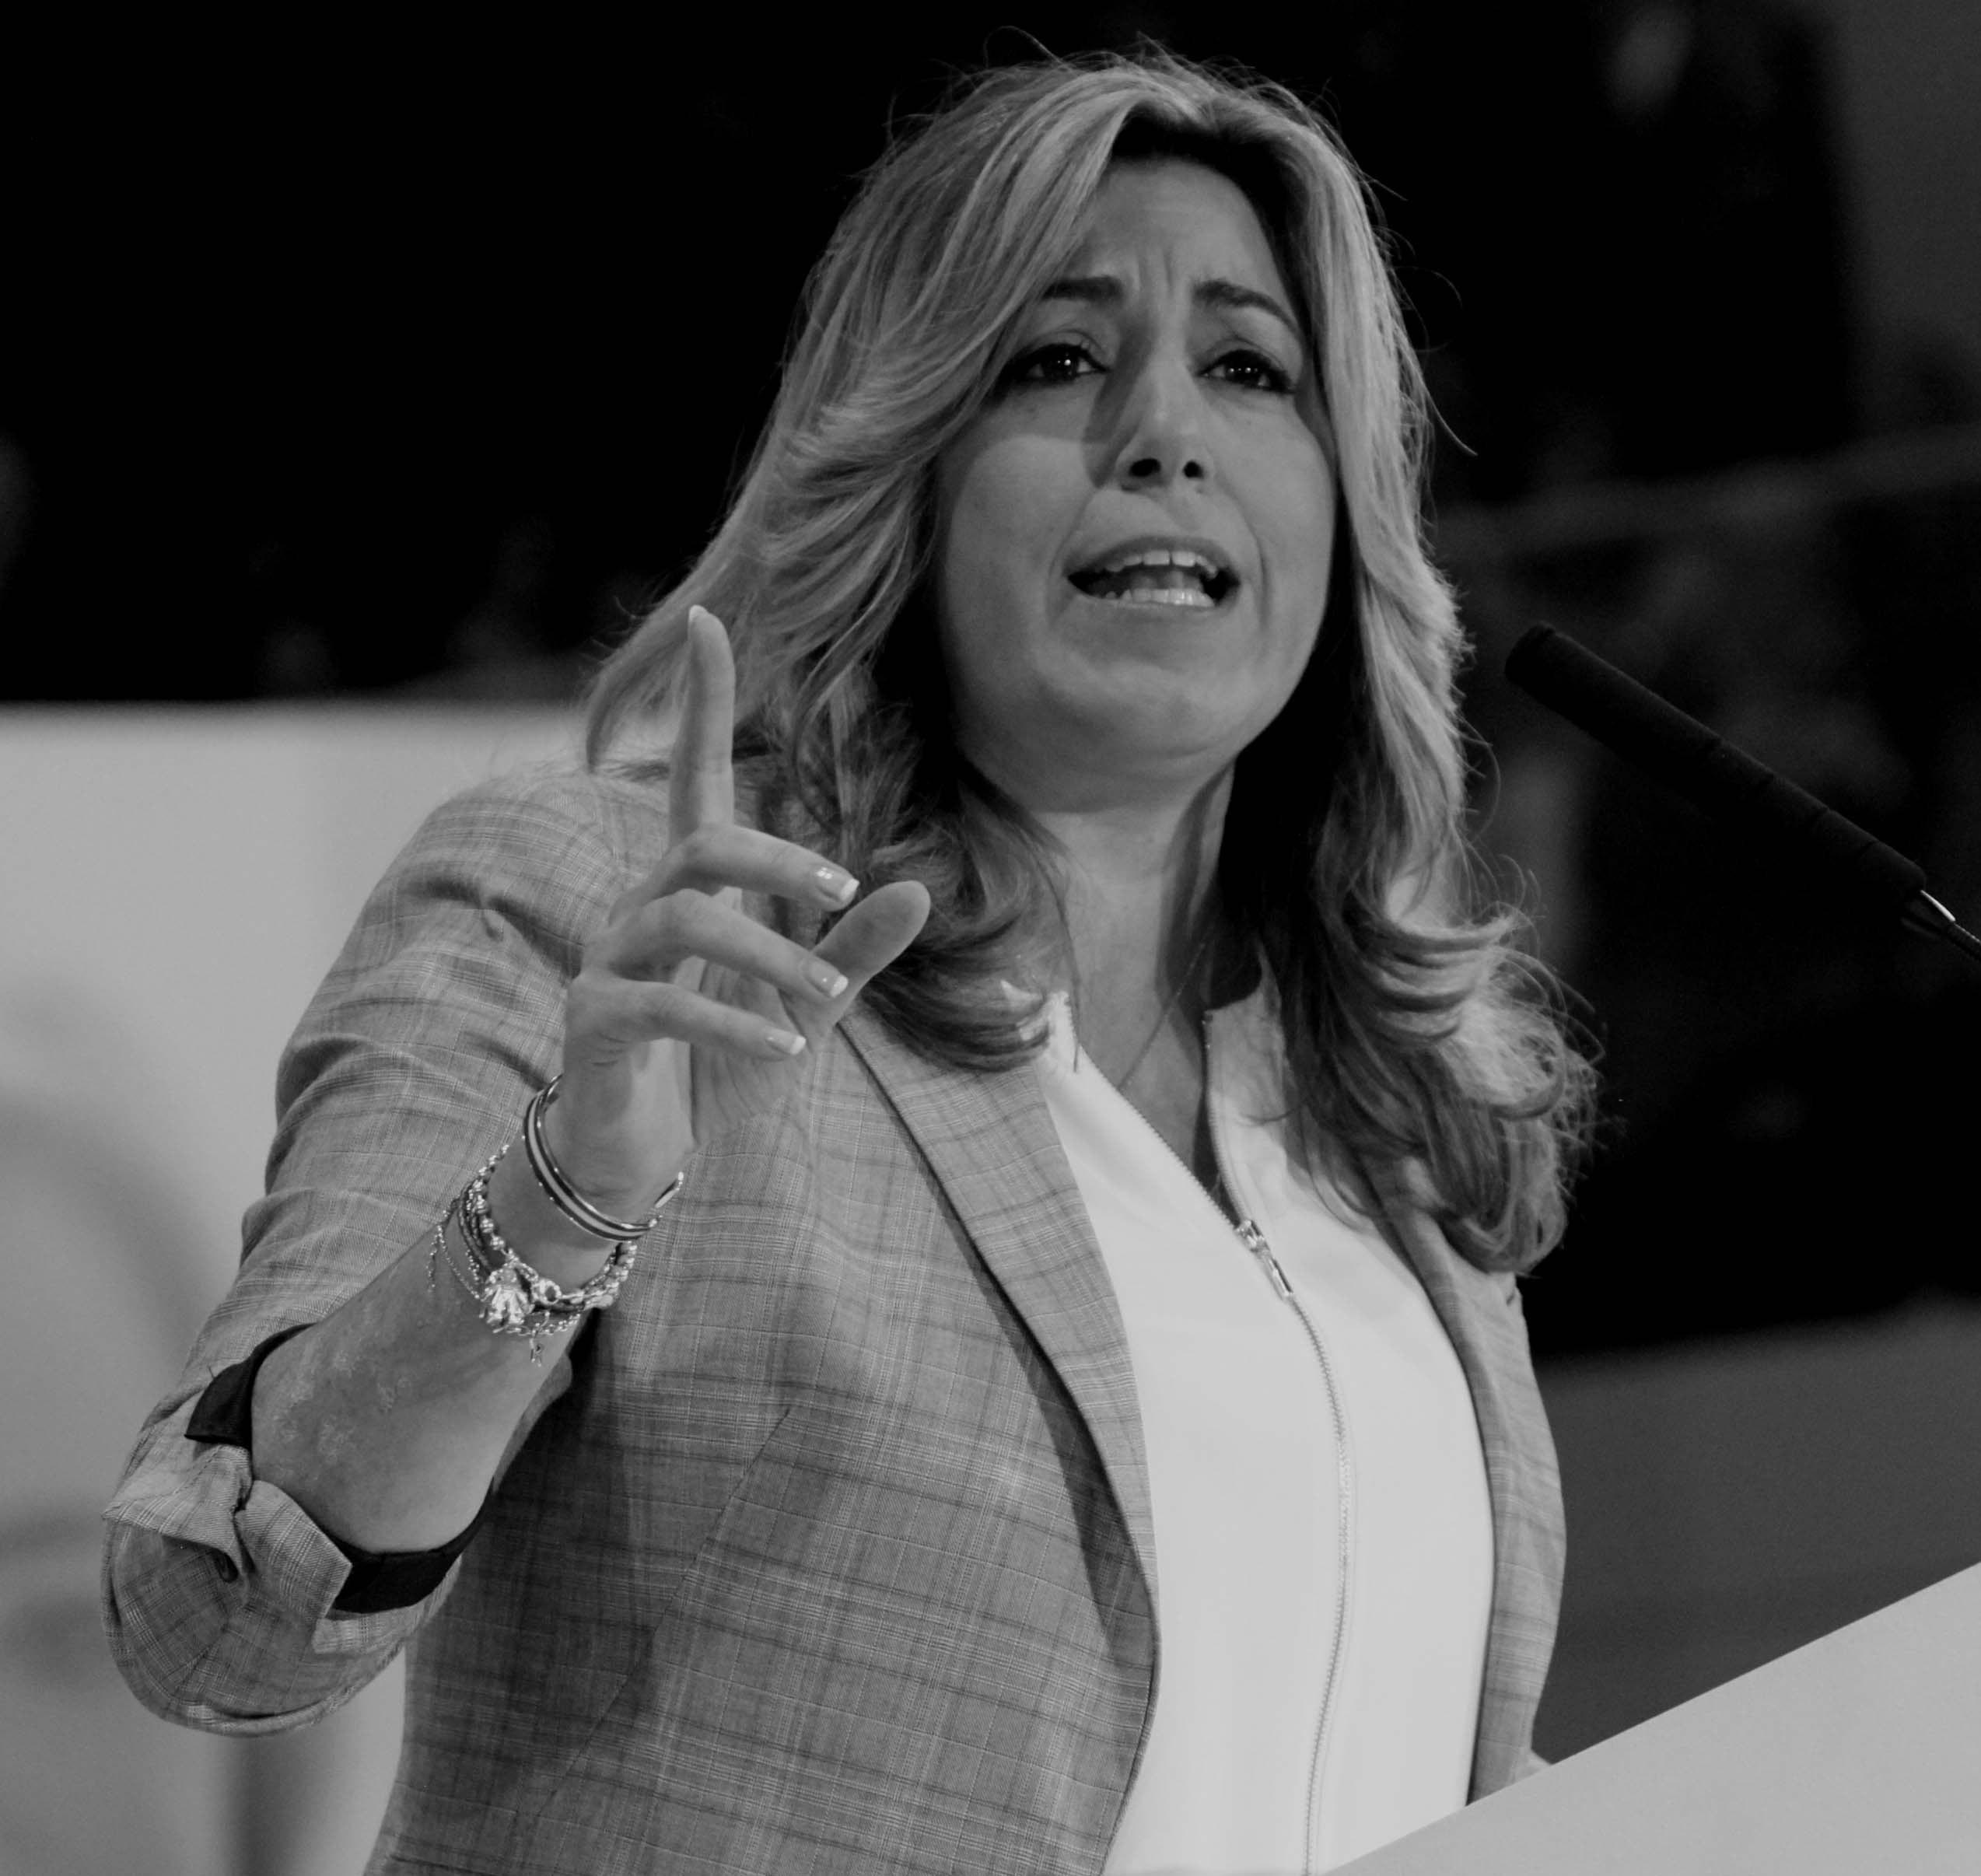 """Susana Díaz: """"La incertidumbre e inseguridad actual tras cuatro años de gobierno popular"""". (lescroniques.com)"""